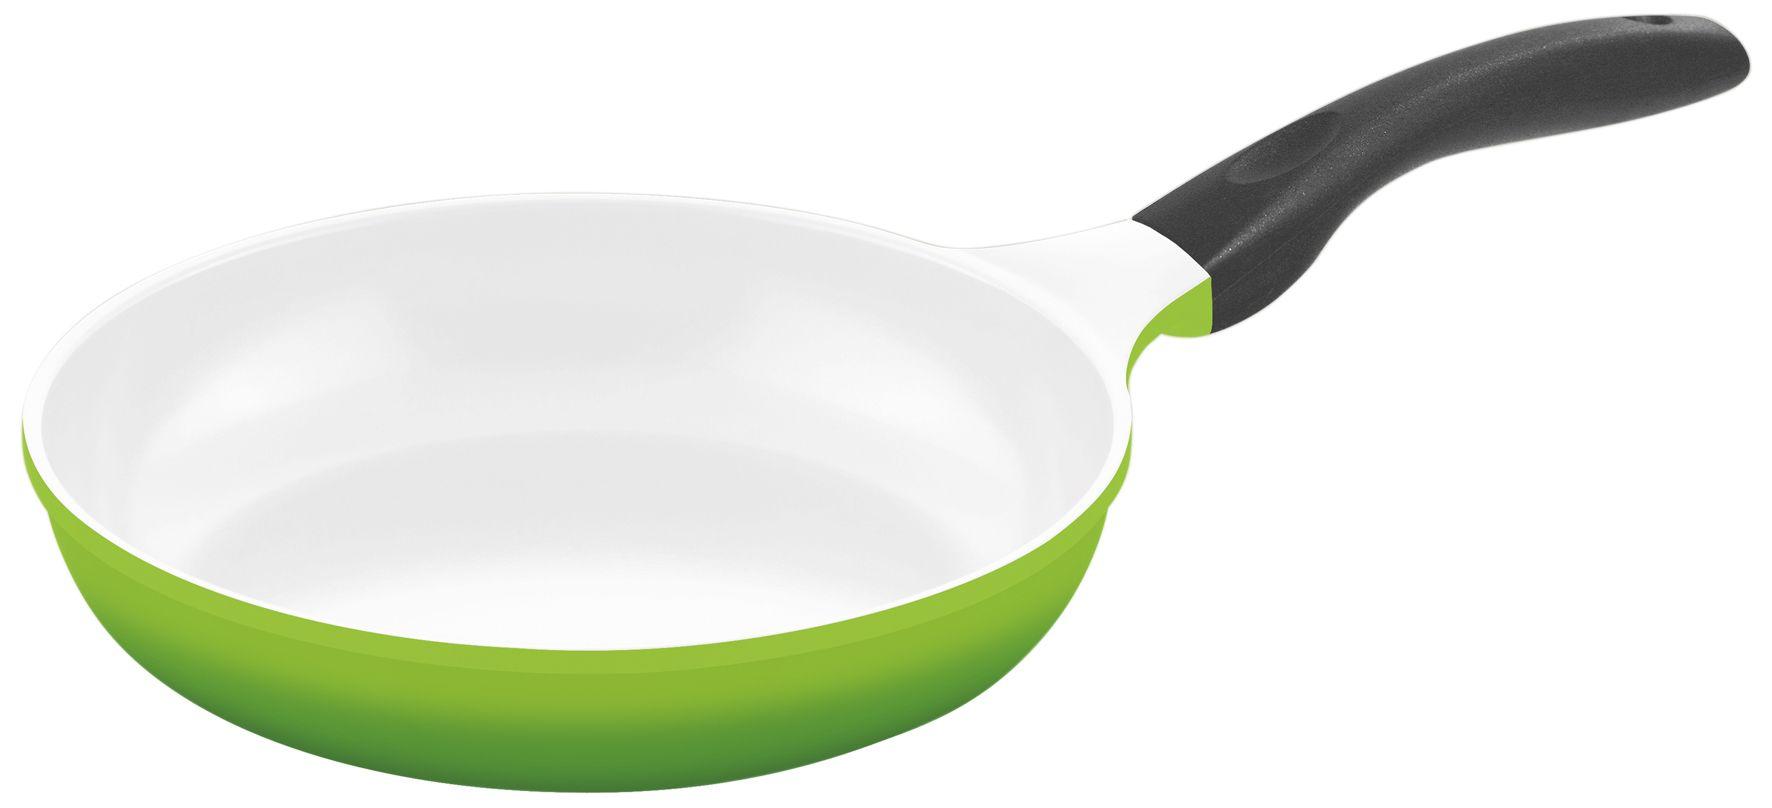 culinario pfanne mit keramikbeschichtung 24 cm in gr n f r induktionsherd geeignet m